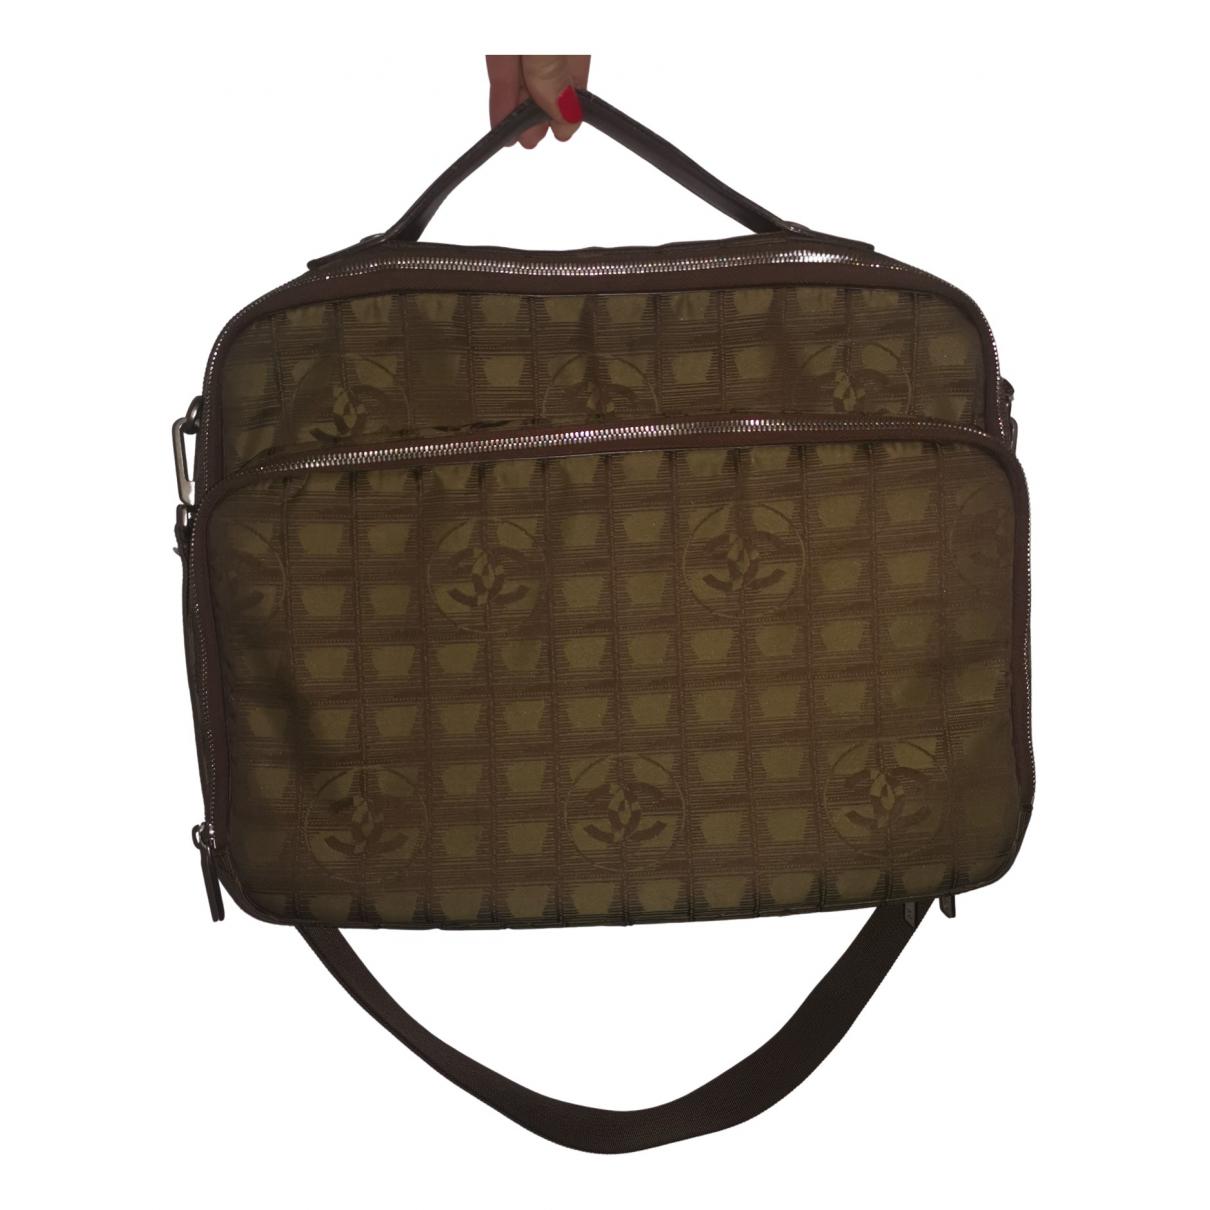 Chanel \N Handtasche in  Beige Leinen